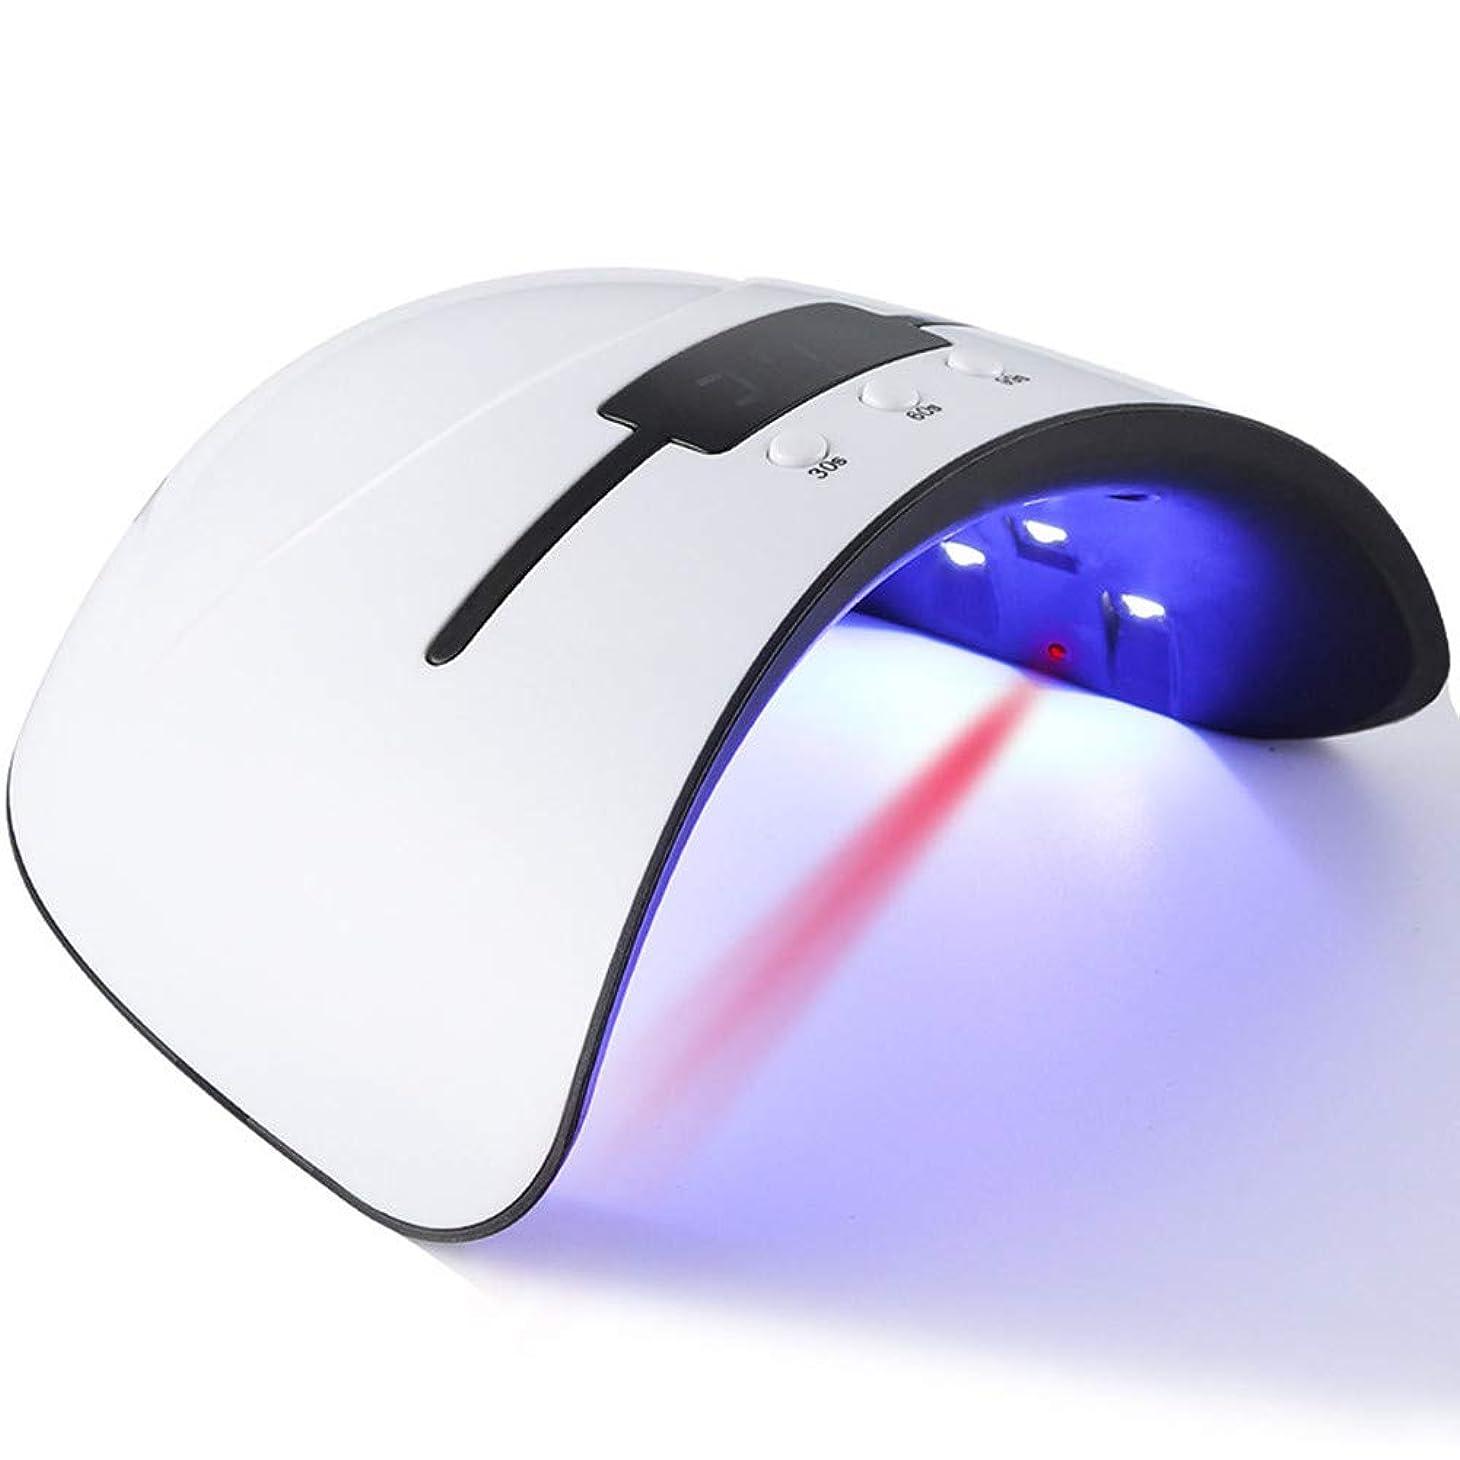 コマース状況伝記硬化ライト ネイルlight ジェルネイル LED ネイルドライヤー 日本語説明書付属 36W 無痛硬化 赤外線検知